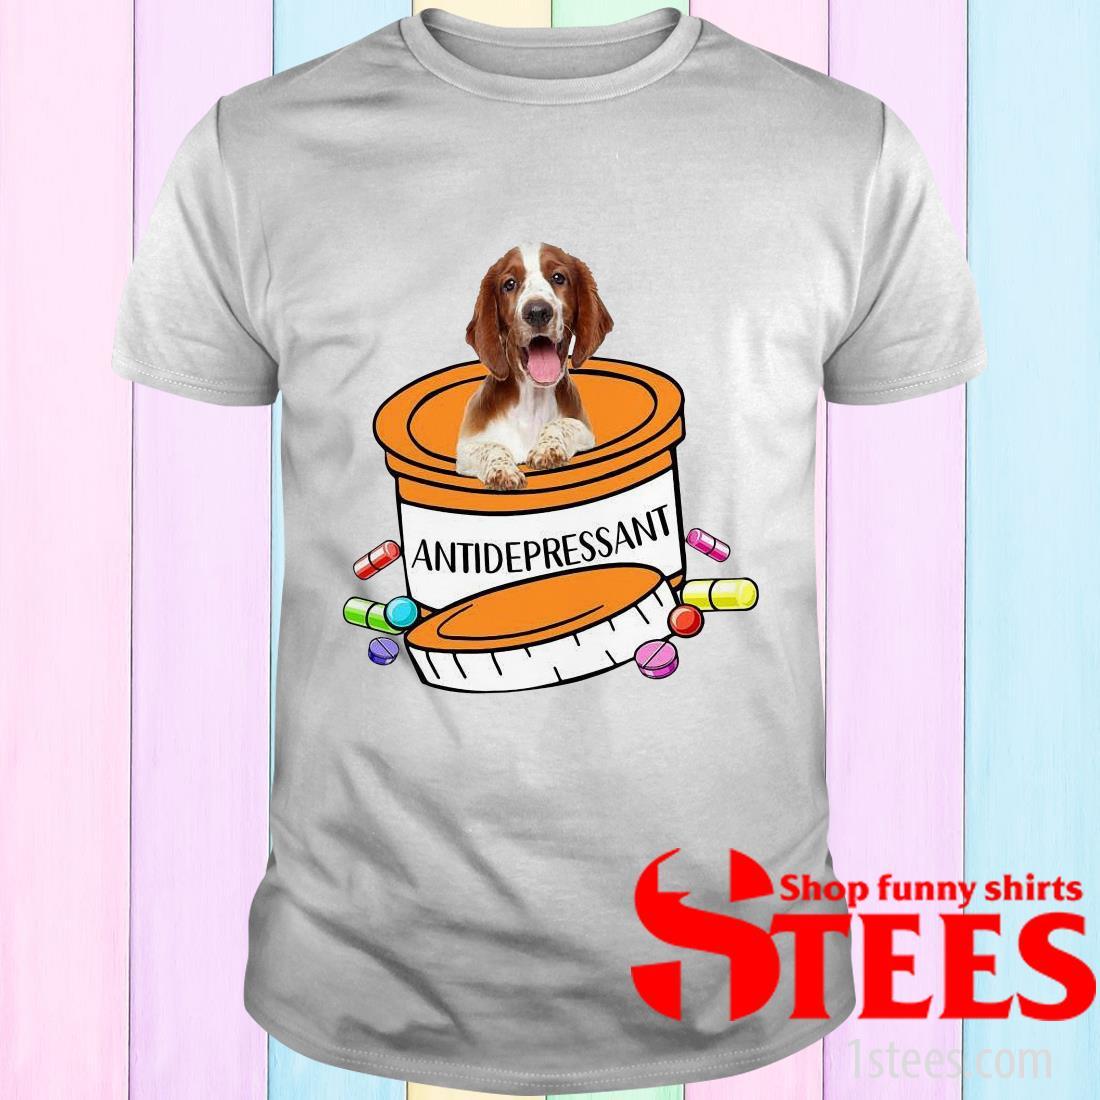 Welsh Springer Spaniel Antidepressant T-Shirt